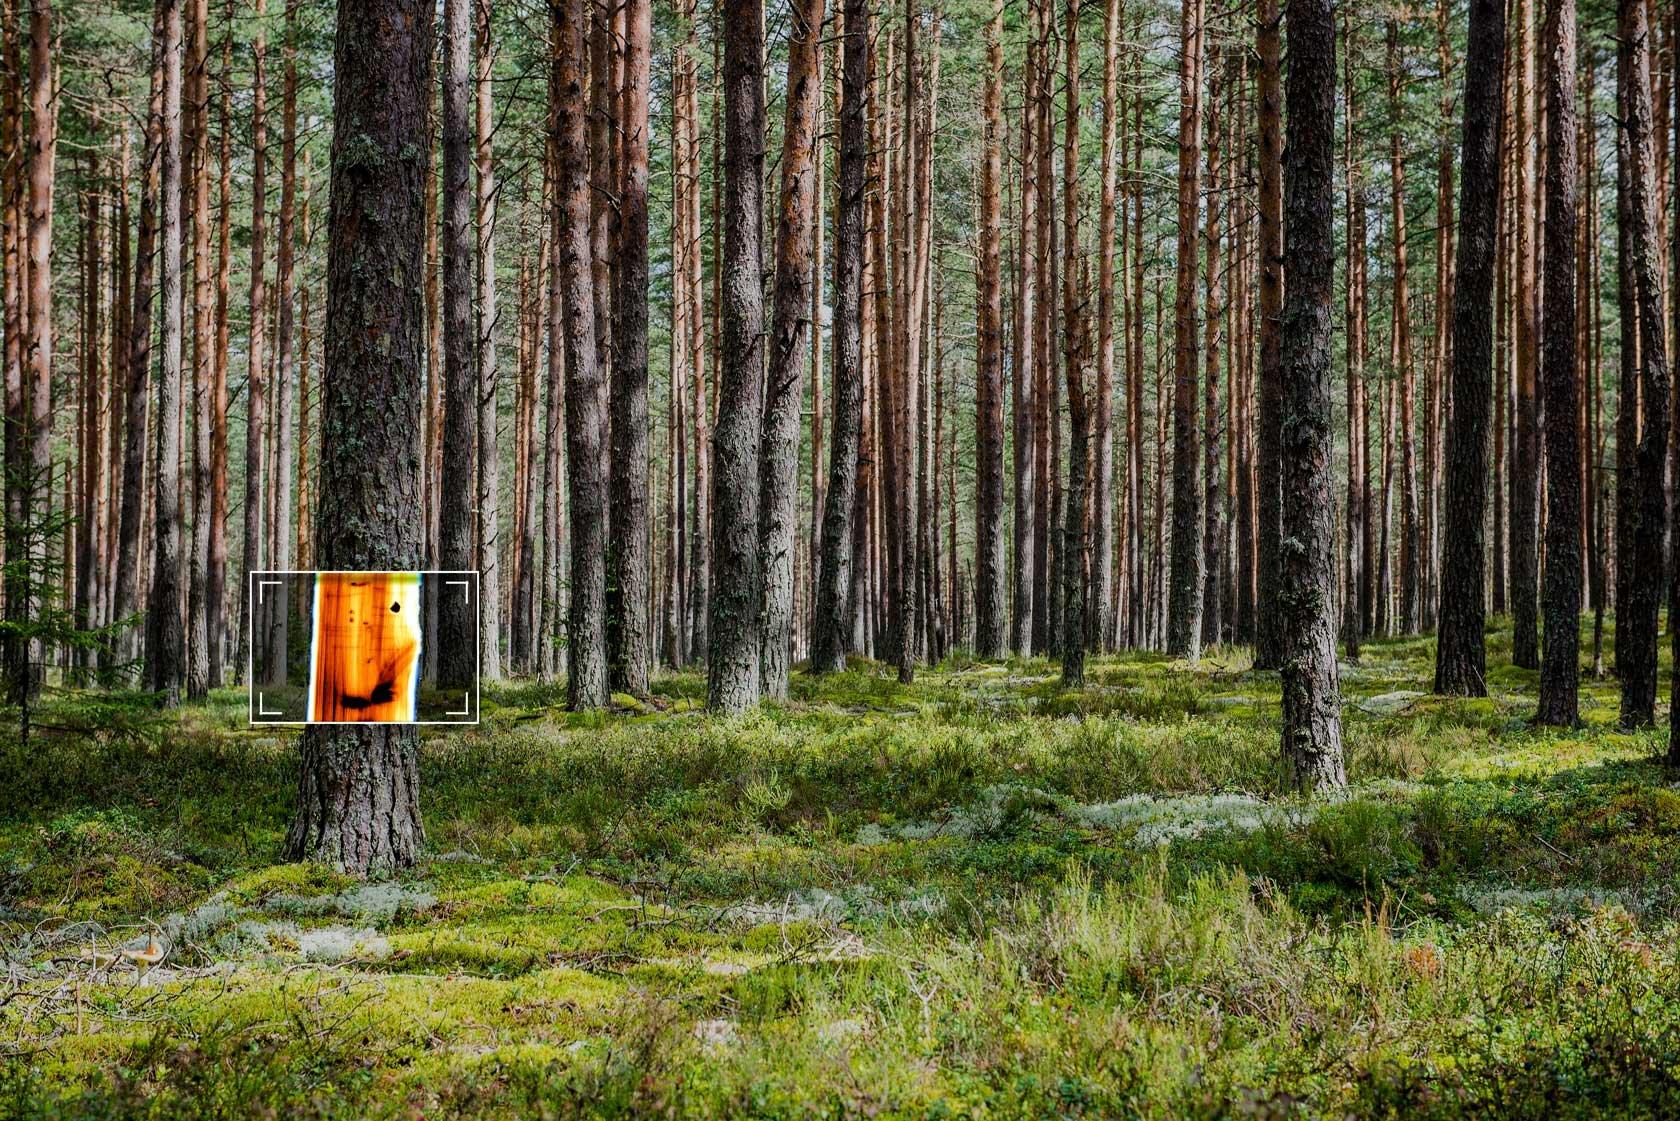 Finnos-Metsa-Sellu-Tiili-teollisuuden-Uusi-ulottuvuus-1